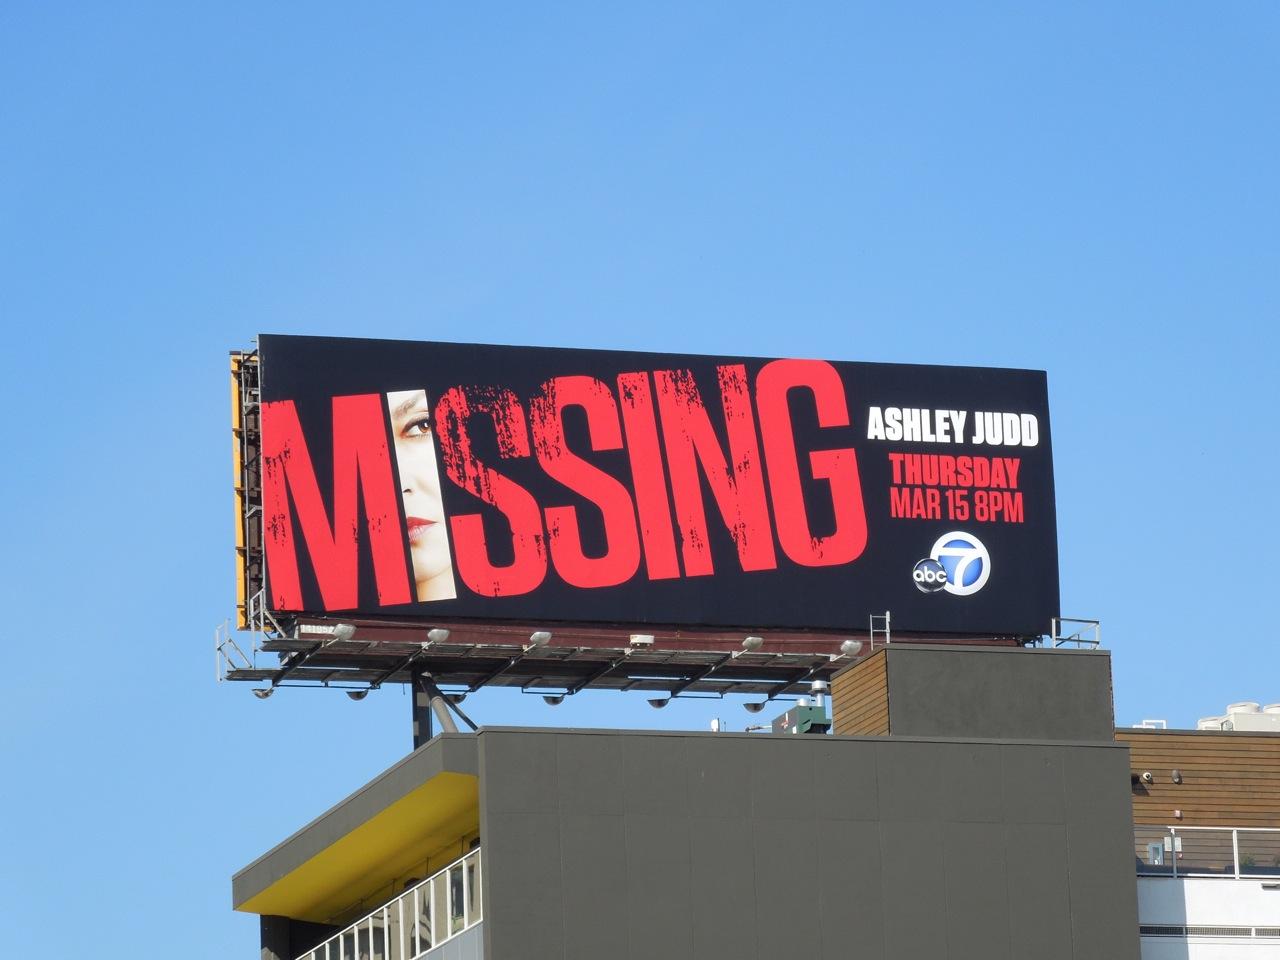 http://1.bp.blogspot.com/-mpqZKSWULAo/T3YPOpB-kFI/AAAAAAAAqDQ/iI-E6J5kmo4/s1600/Missing%2Bbillboard.jpg